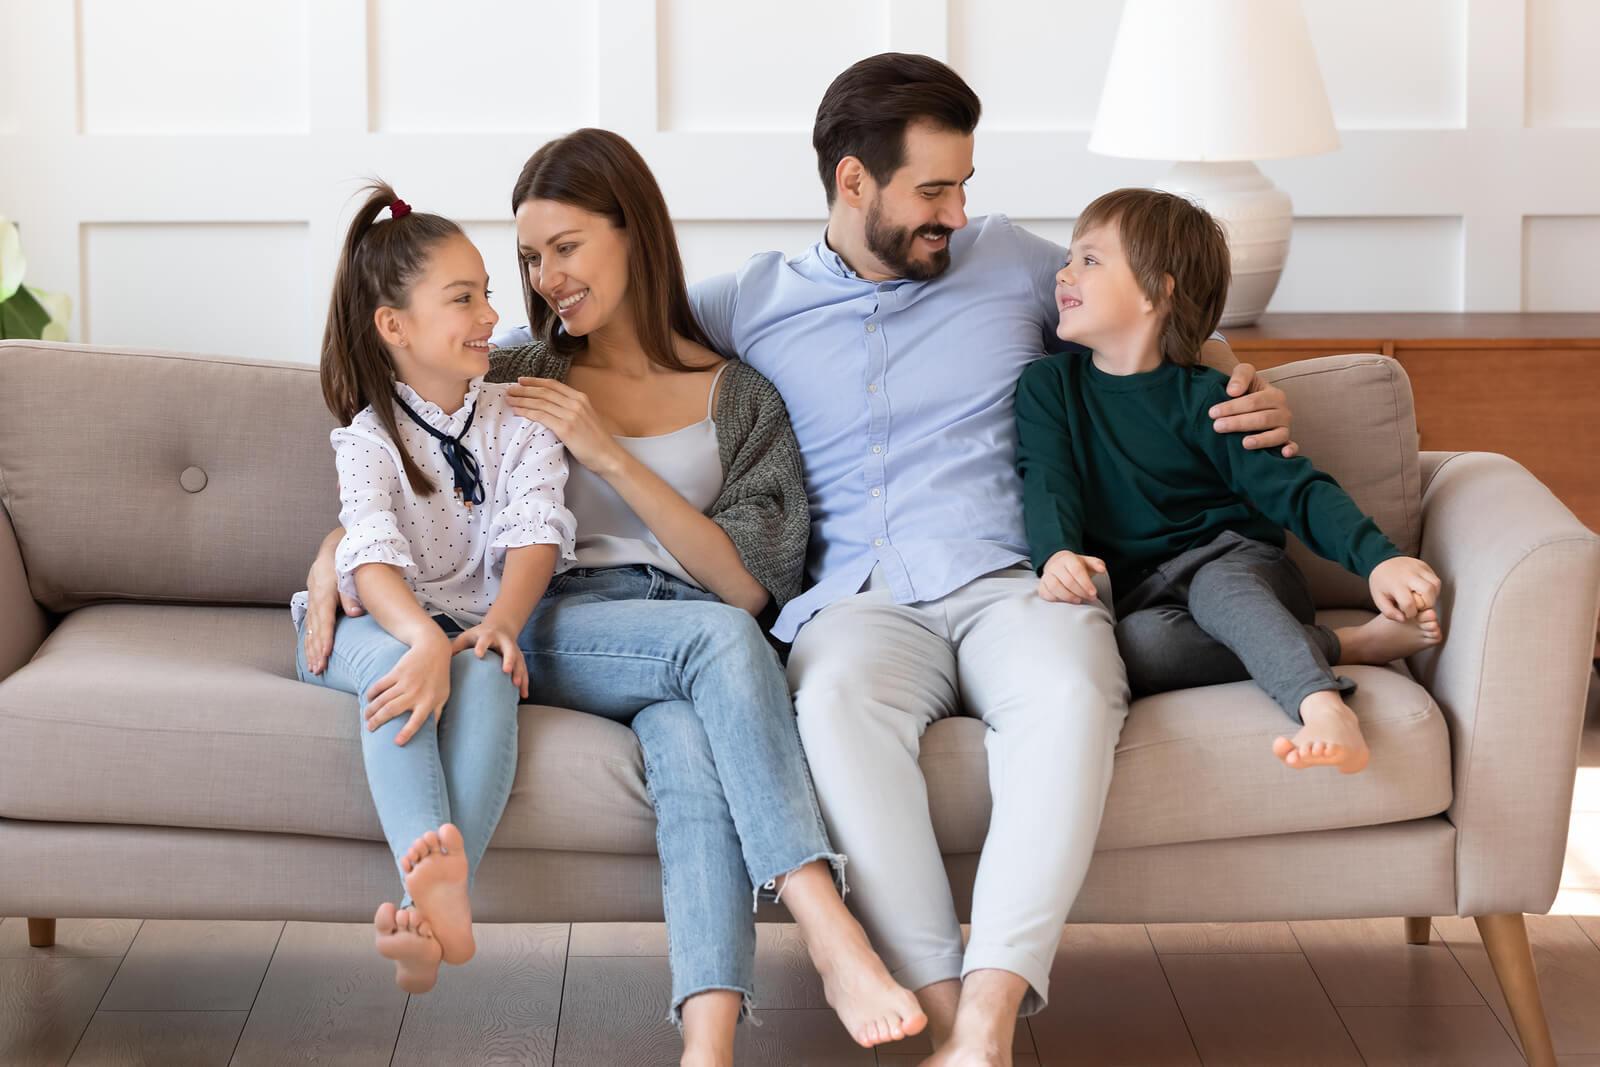 Padres llenado de afecto a sus hijos en el sofá de casa.